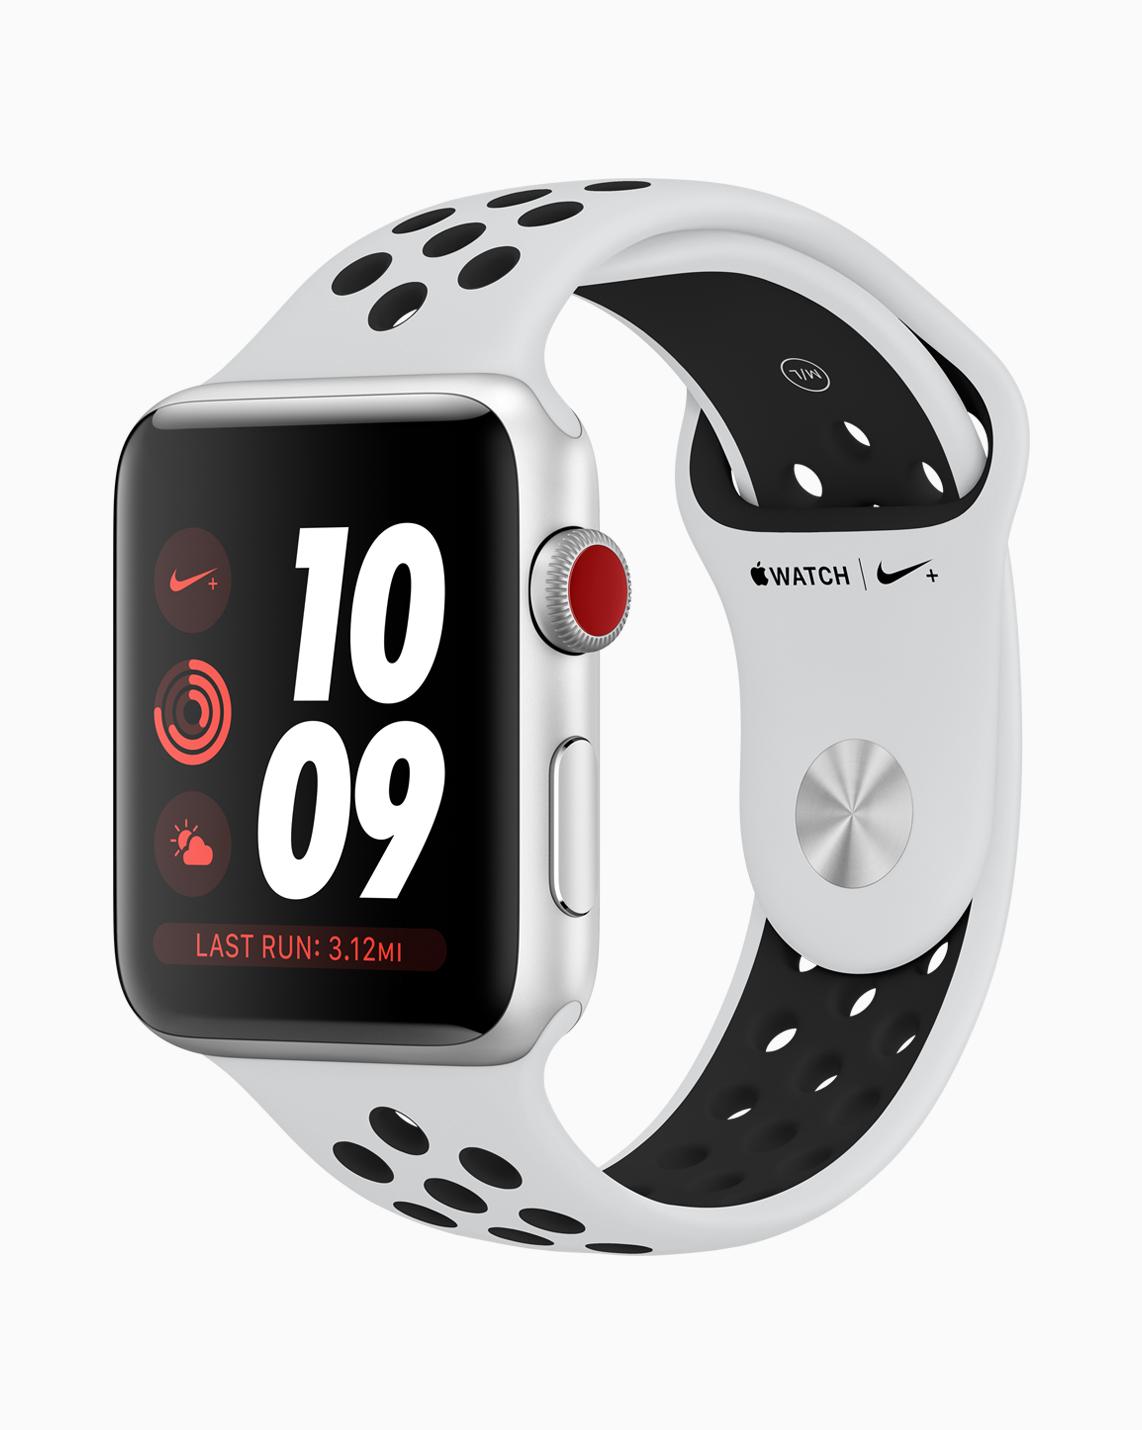 Mobilfunk für Apple Watch Series 3 soll spätestens ab 10. Dezember 2017 verfügbar sein.